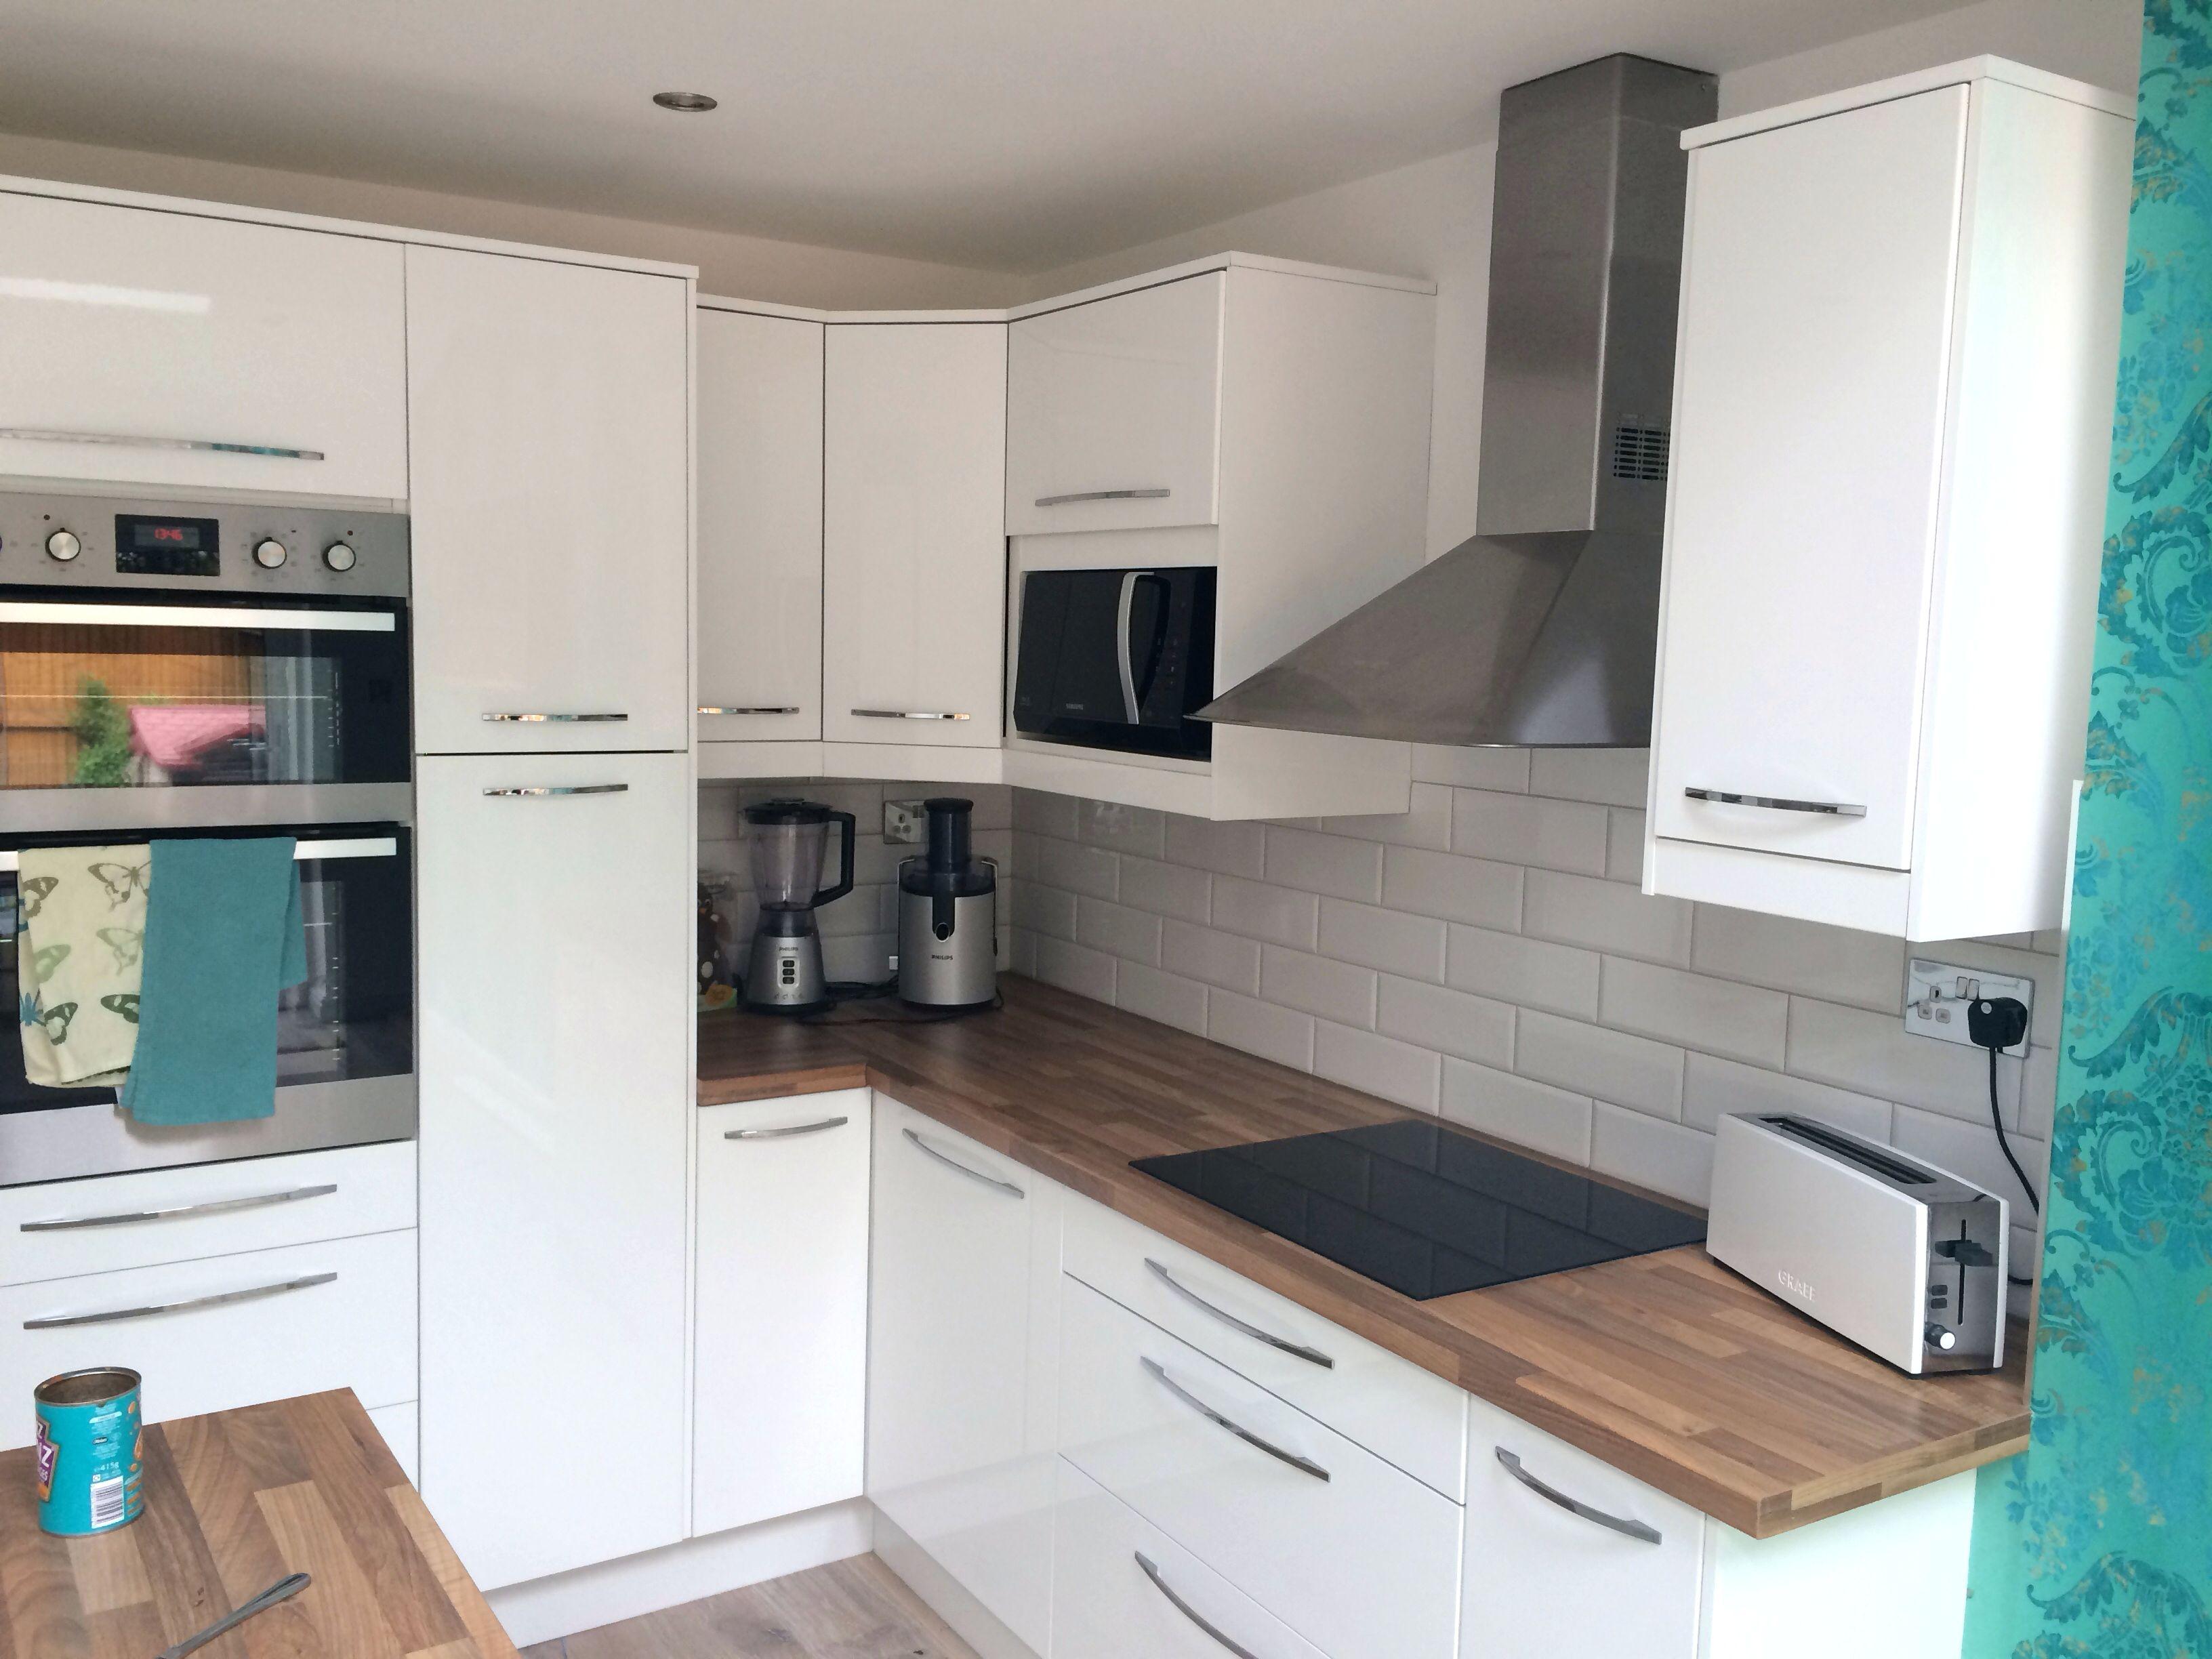 55 Arten Angenehmen Hochglanz Weisse Kuche Schrankturen Enterprise Flat Panel Turen Sind Ei Kitchen Cabinet Interior White Gloss Kitchen Best Kitchen Cabinets